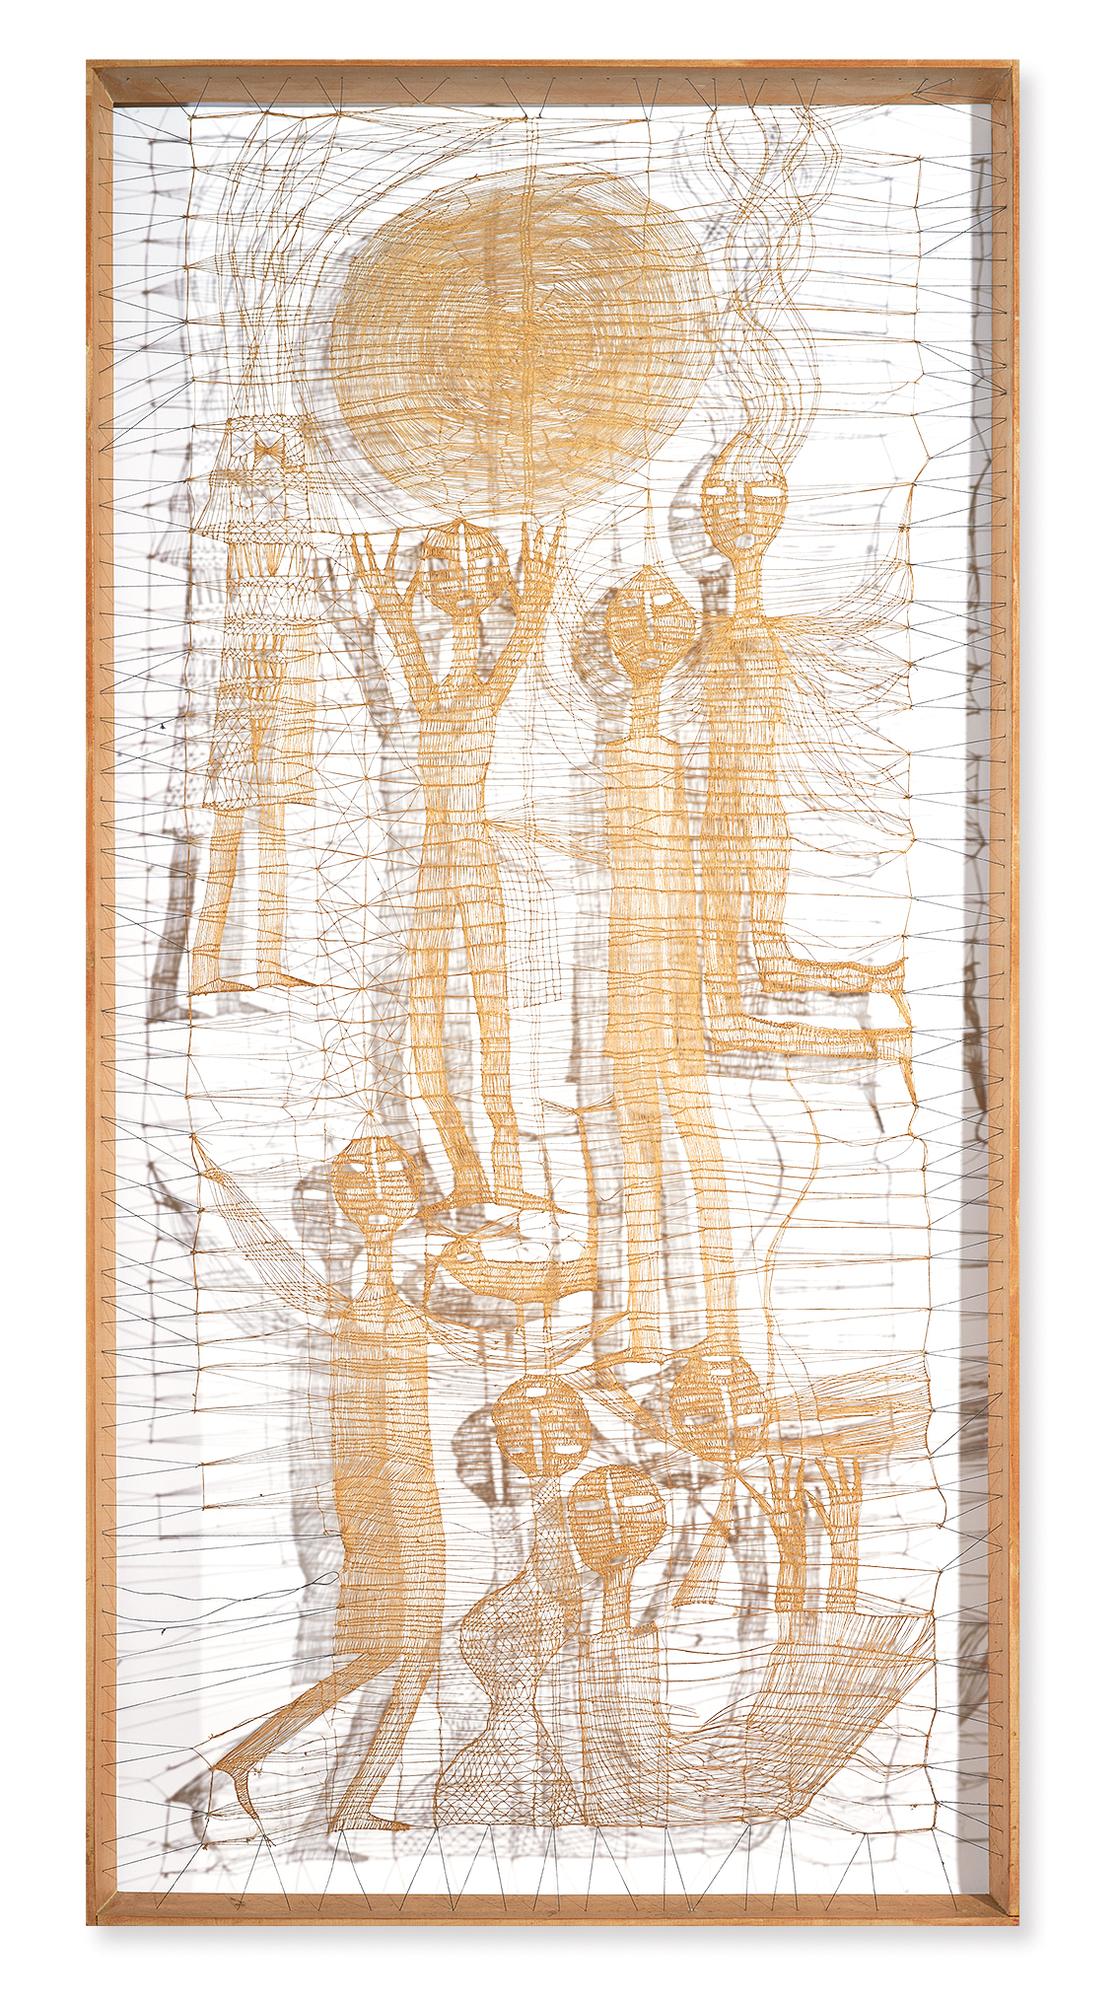 Krejci Luba, String Art